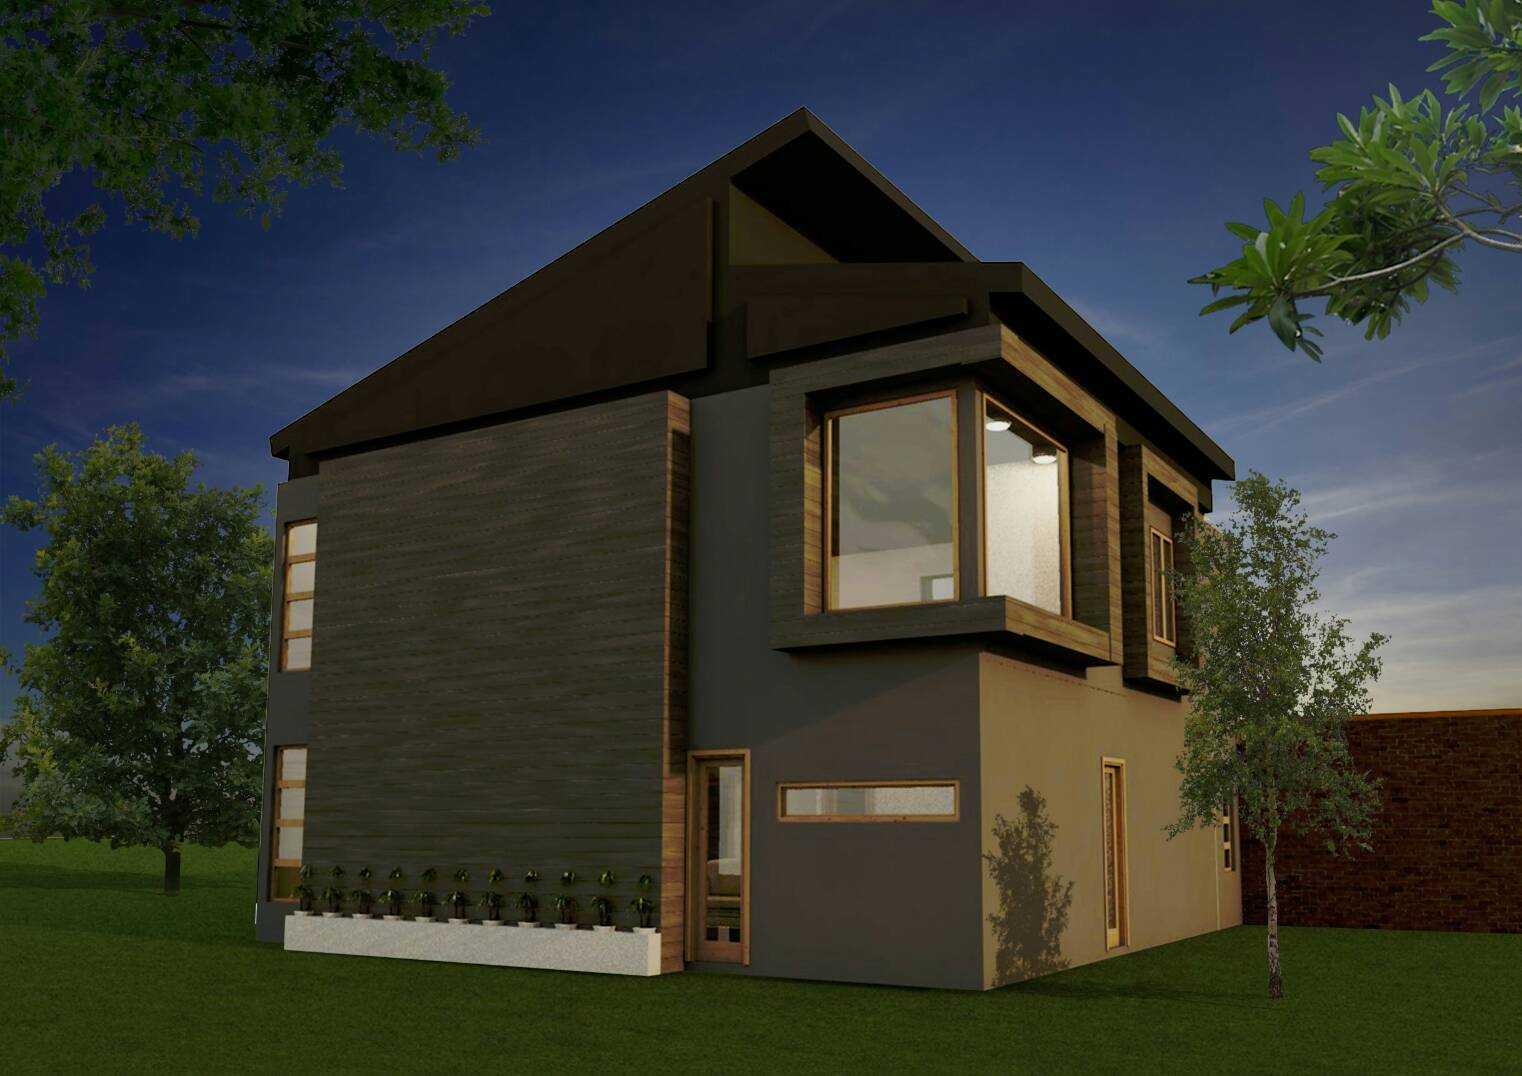 Ansitama Architecture Studio Rumah Hunian Bapak Hijri Jambi, Kota Jambi, Jambi, Indonesia Jambi, Kota Jambi, Jambi, Indonesia Ansitama-Architetcture-Studio-Rumah-Hunian-Bapak-Hijri   56252